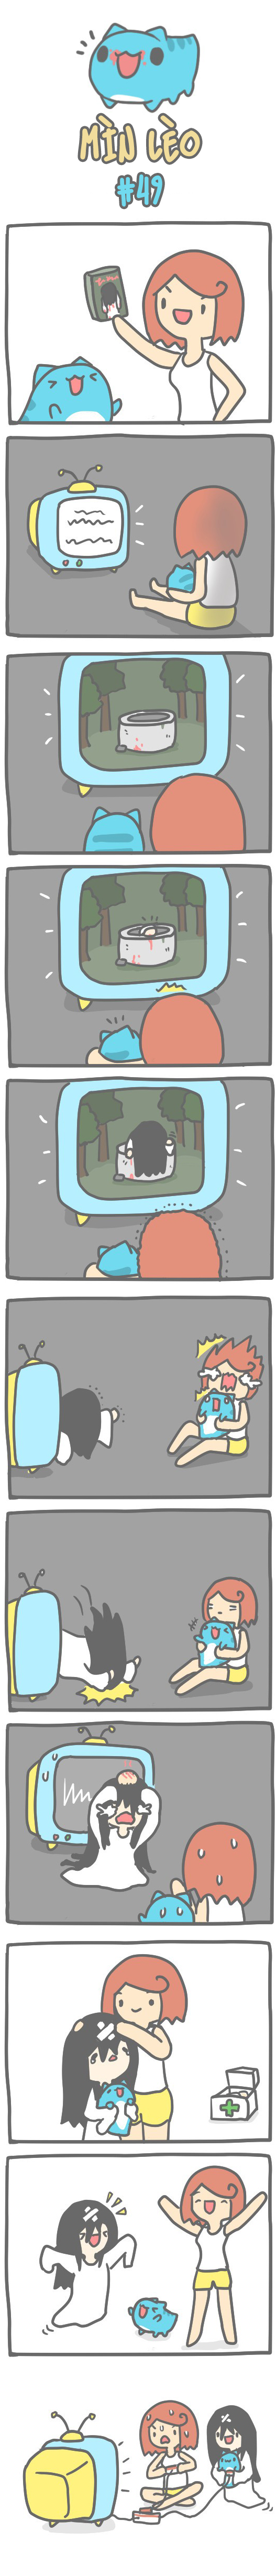 Truyện Mìn Lèo #49